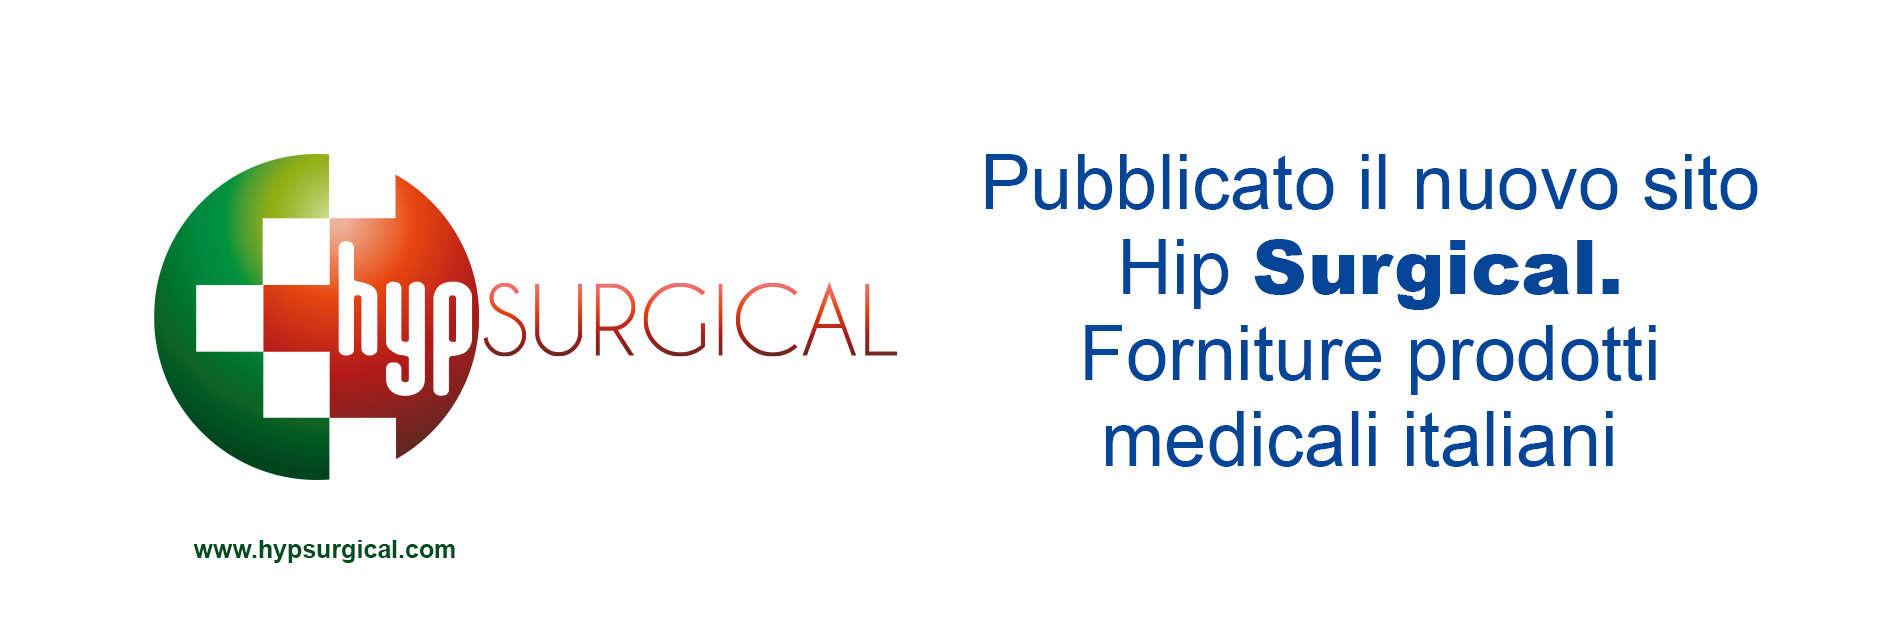 Pubblicato il nuovo sito di Hyp Surgical | Forniture prodotti medicali italiani